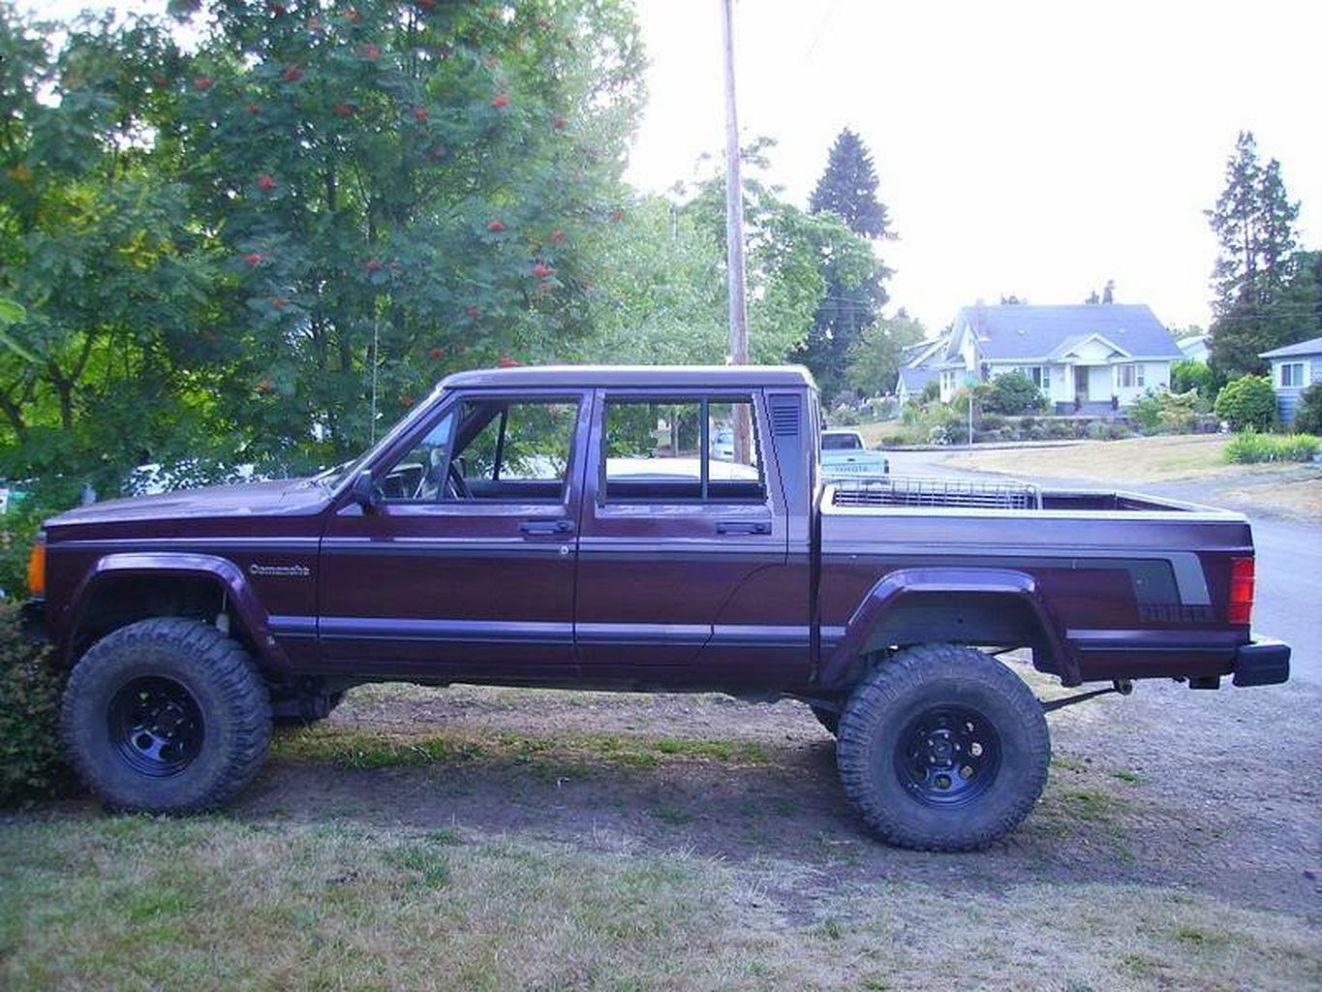 Jeep Comanche Mods Style Off Road 46 Jeep xj, Jeep wj